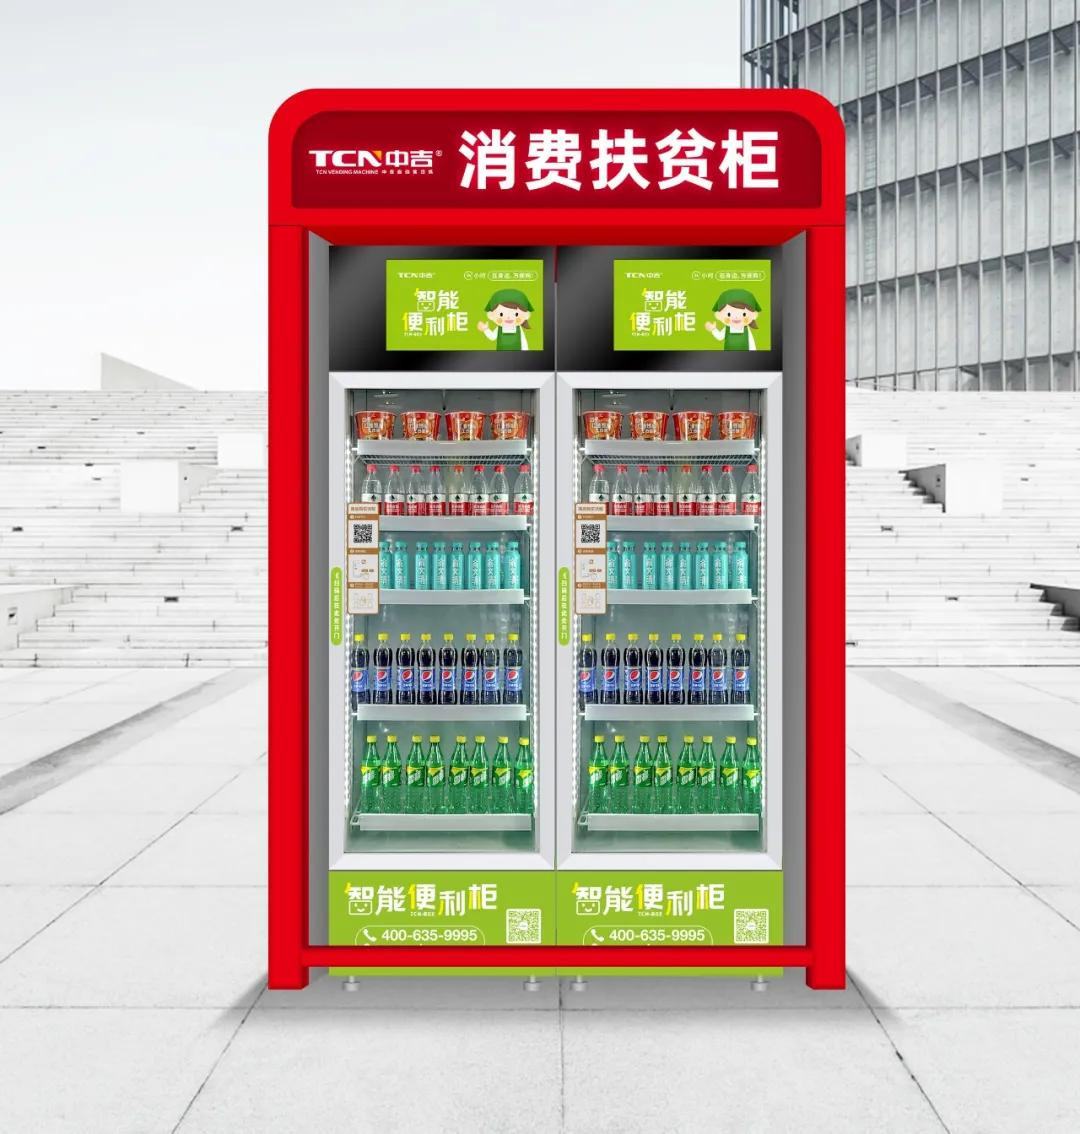 新品速递丨中吉视觉智能货柜C位出道,智创新零售,展硬核魅力